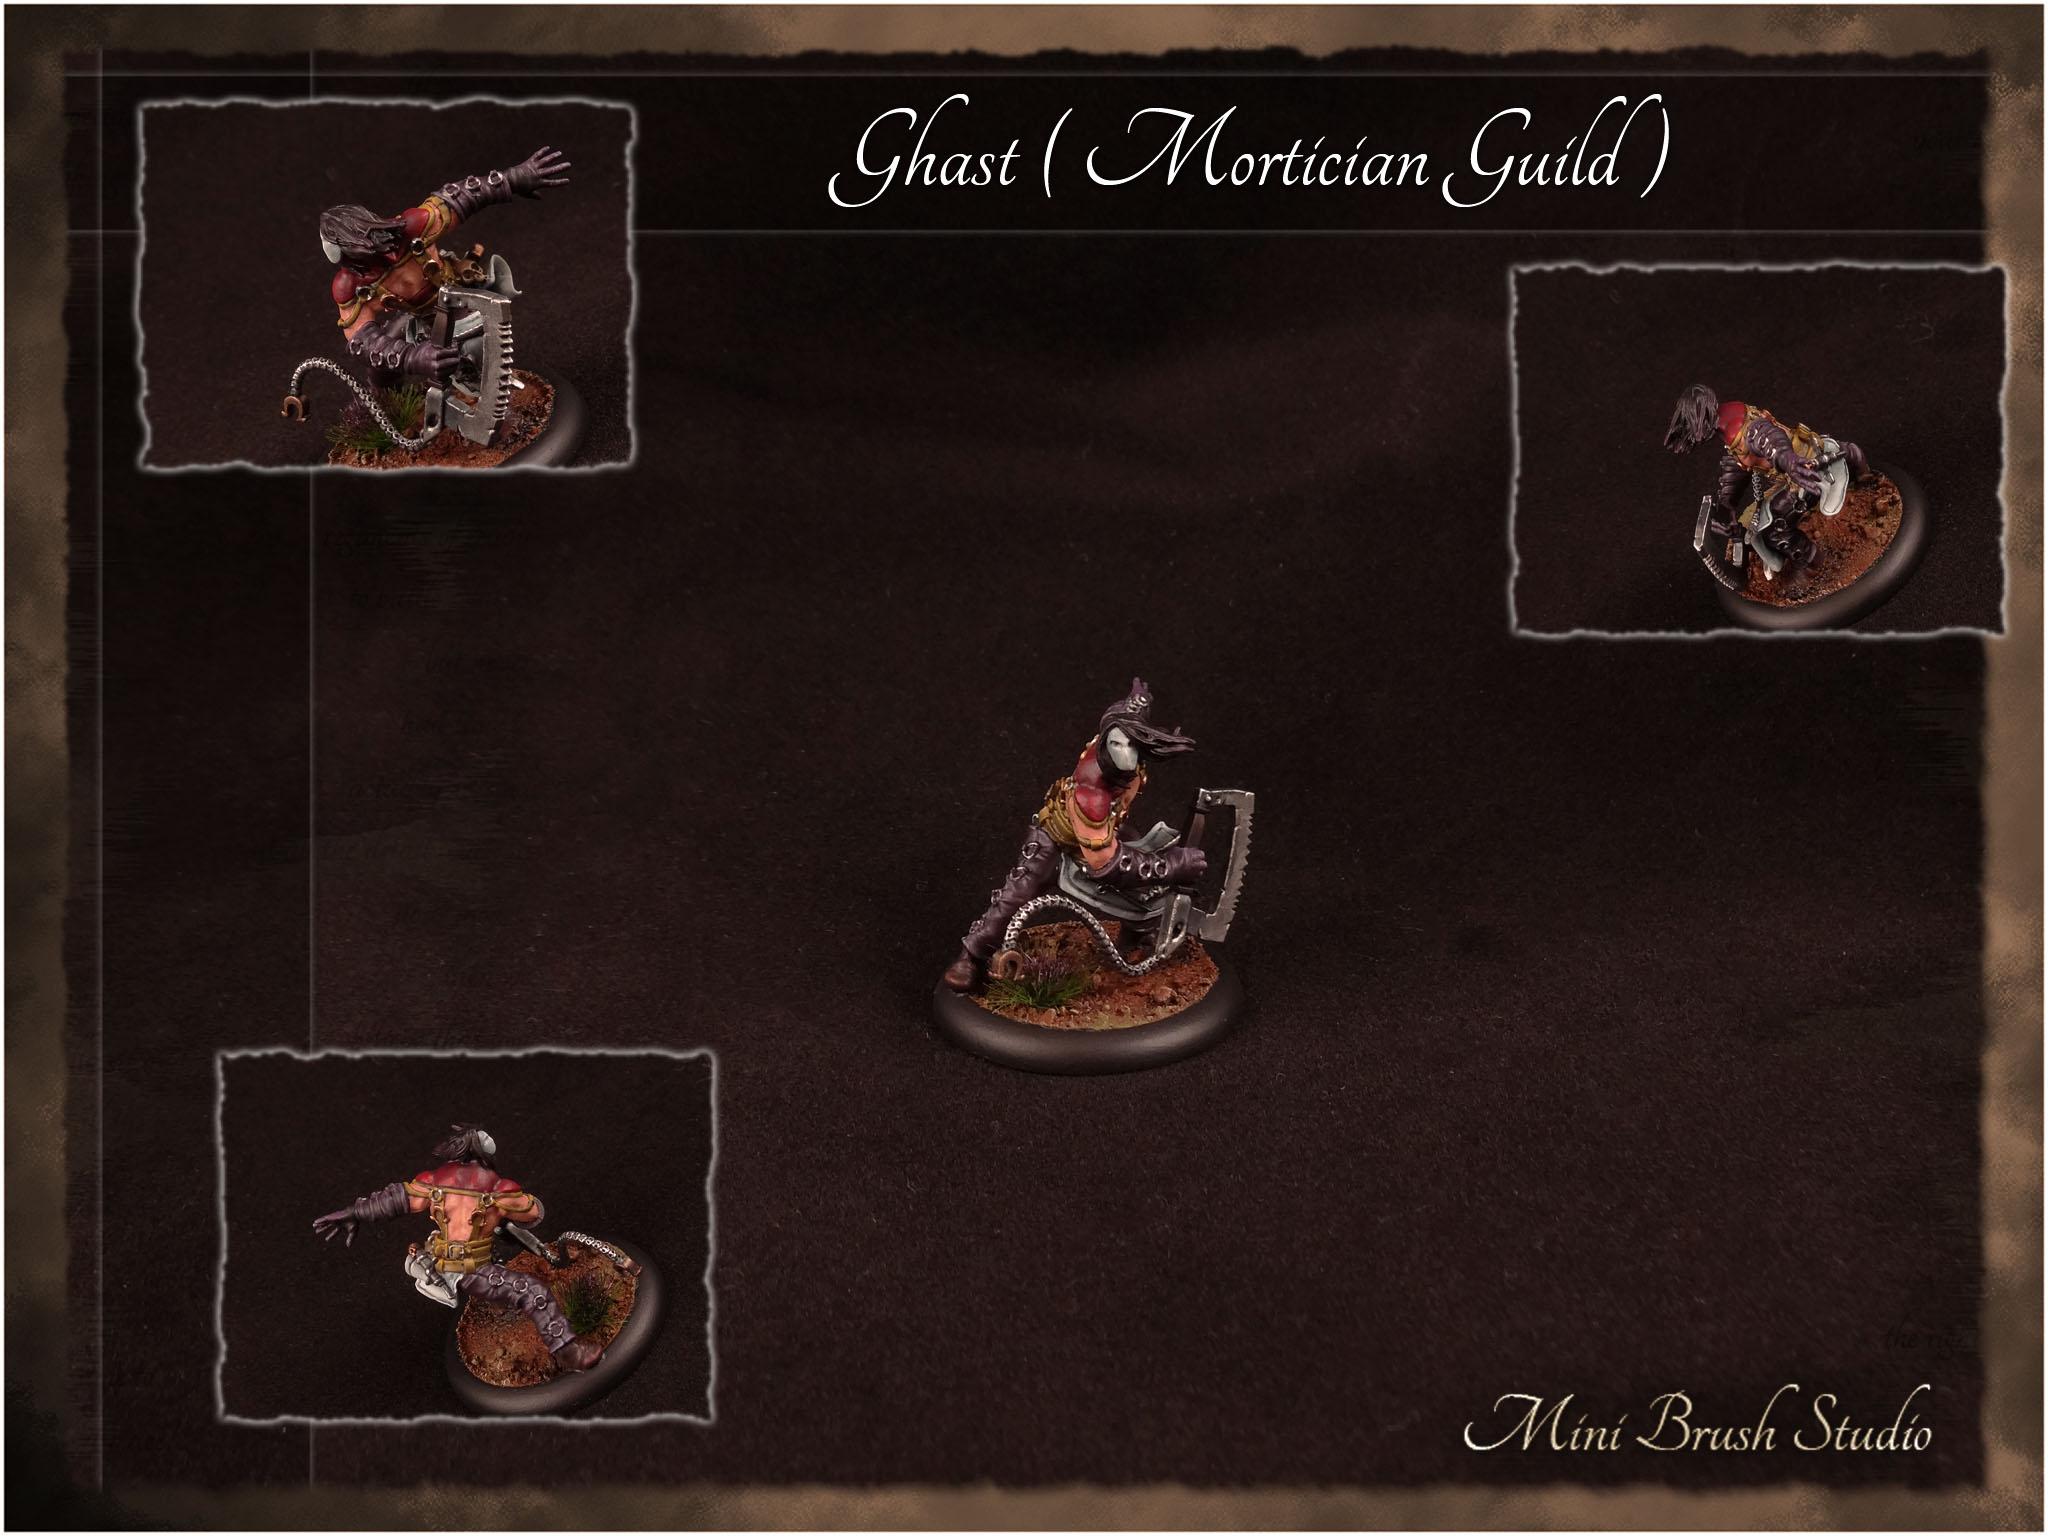 Ghast ( Mortician Guild ) 1 v7.jpg